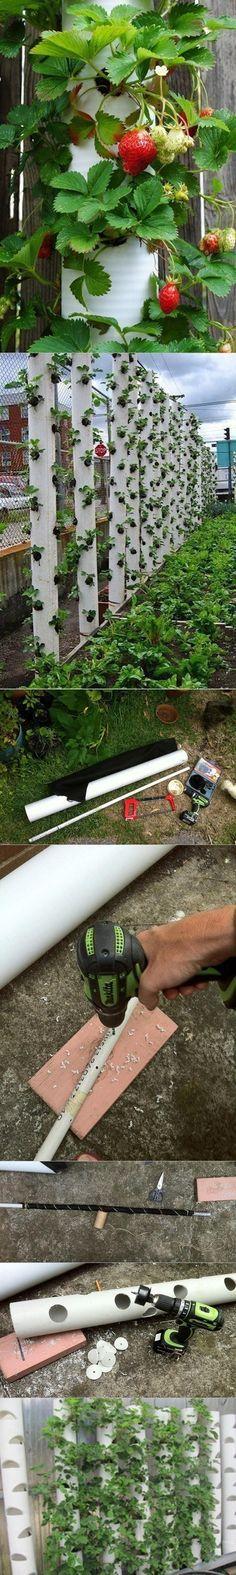 Encontrado en fabartdiy.com DIY Verticle PVC Pipe Fresa Plantador Torre www.FabArtDIY.com Un PVC torre de fresa es una forma innovadora de crecer un montón de plantas de fresa en una pequeña parcela de tierra. Hacer esta sembradora puede necesitar algún trabajo en él, es mejor que reunir todos los materiales y planear bien antes de empezar. Asegúrese de que el espacio entre cada tubo es ... Suficiente Para Que el Flujo de aire Durante el conjunto Último párrafo arriba.